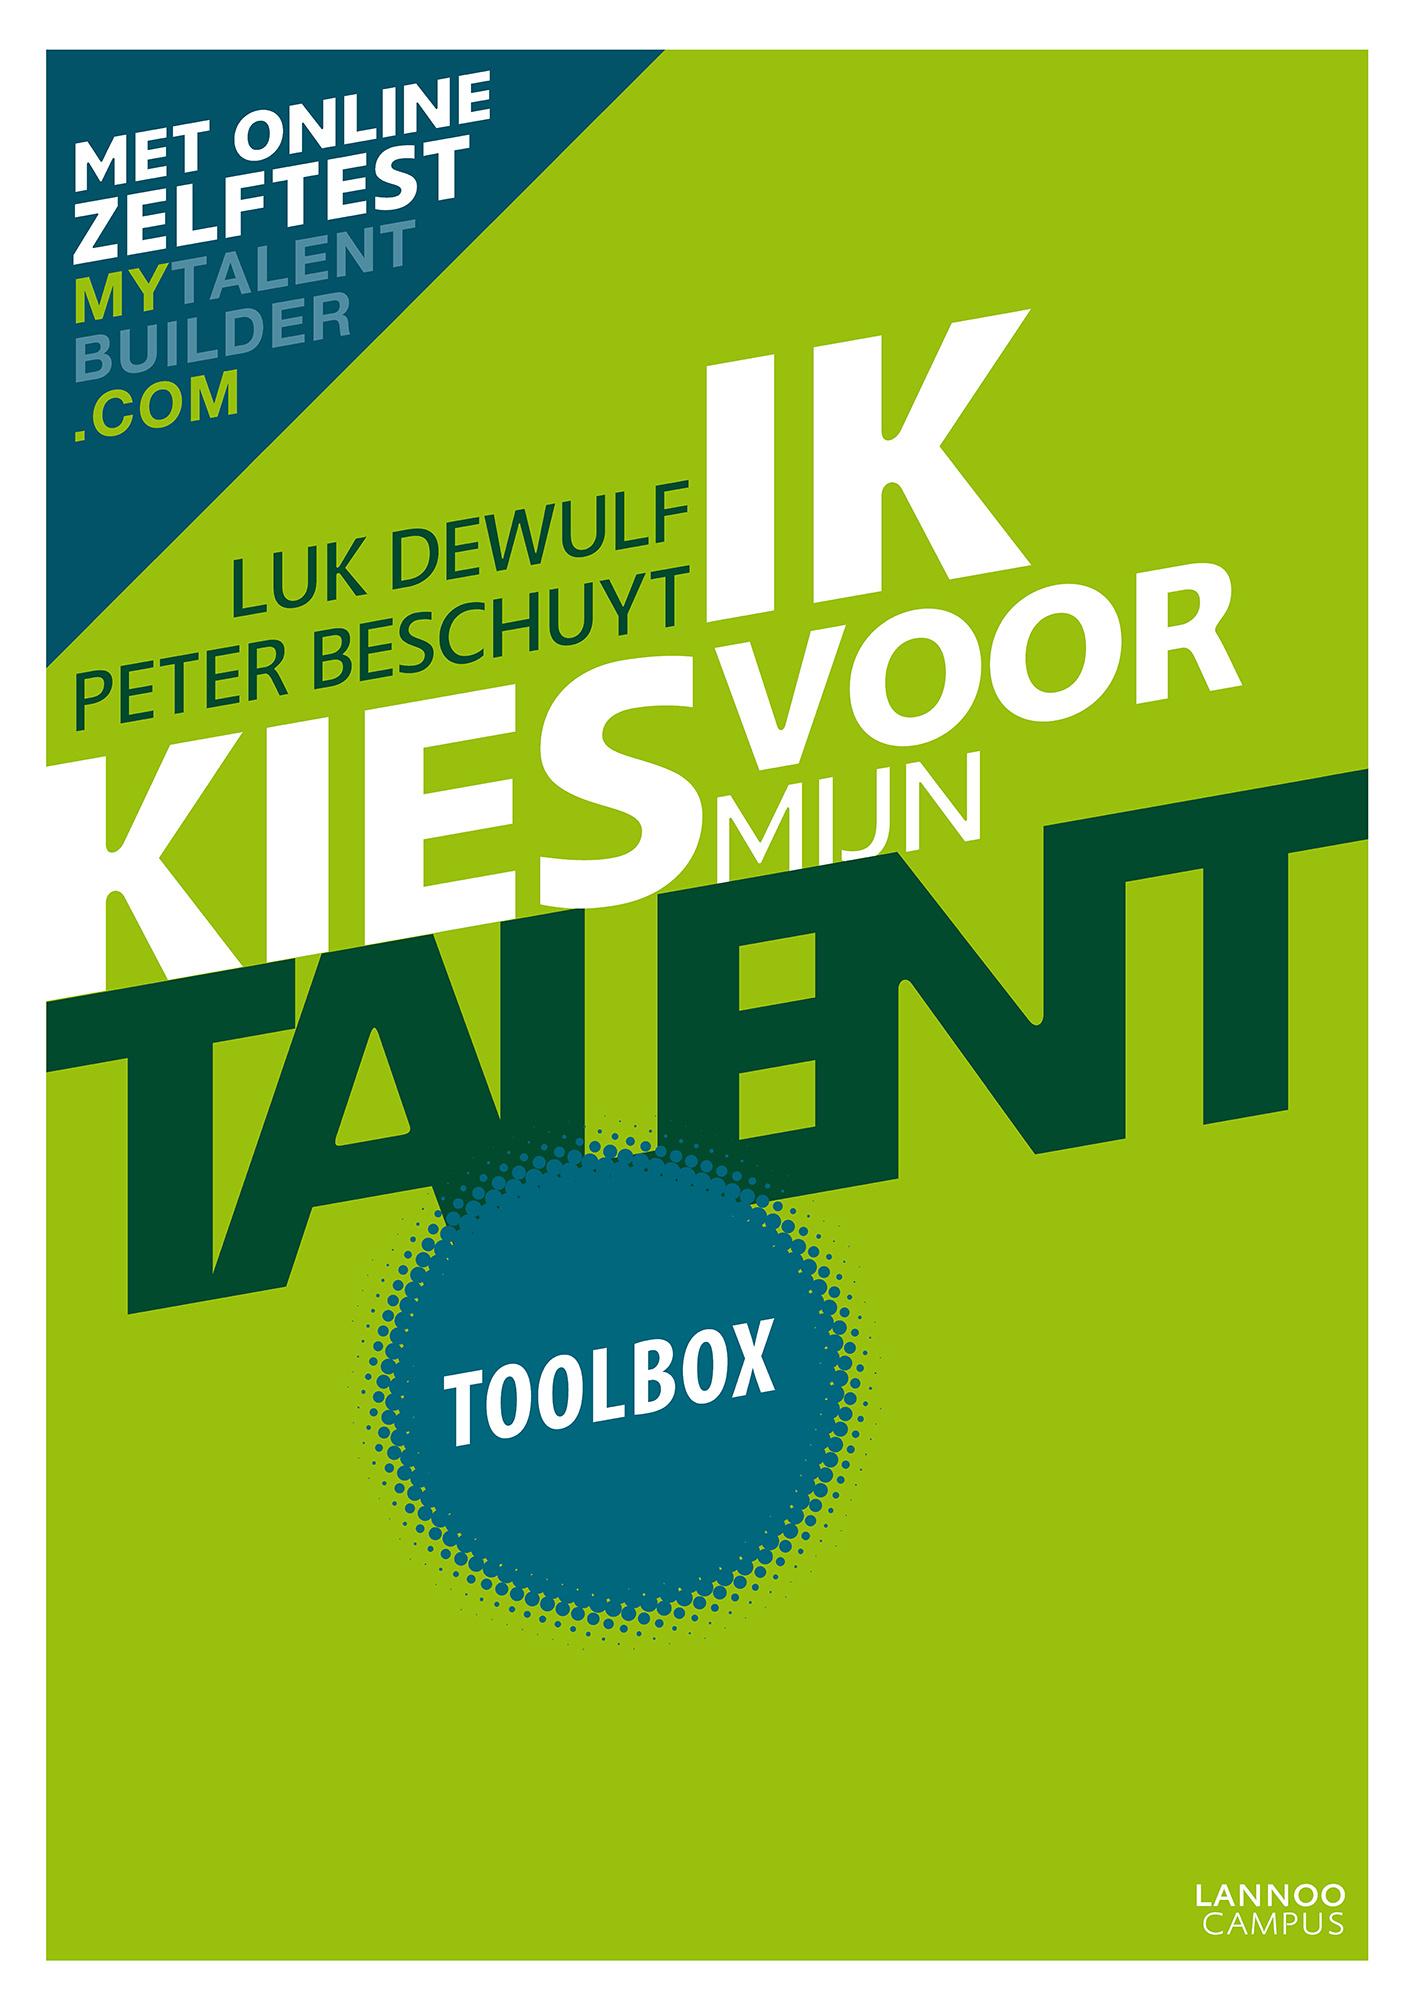 Toolbox Ik kies voor mijn Talent